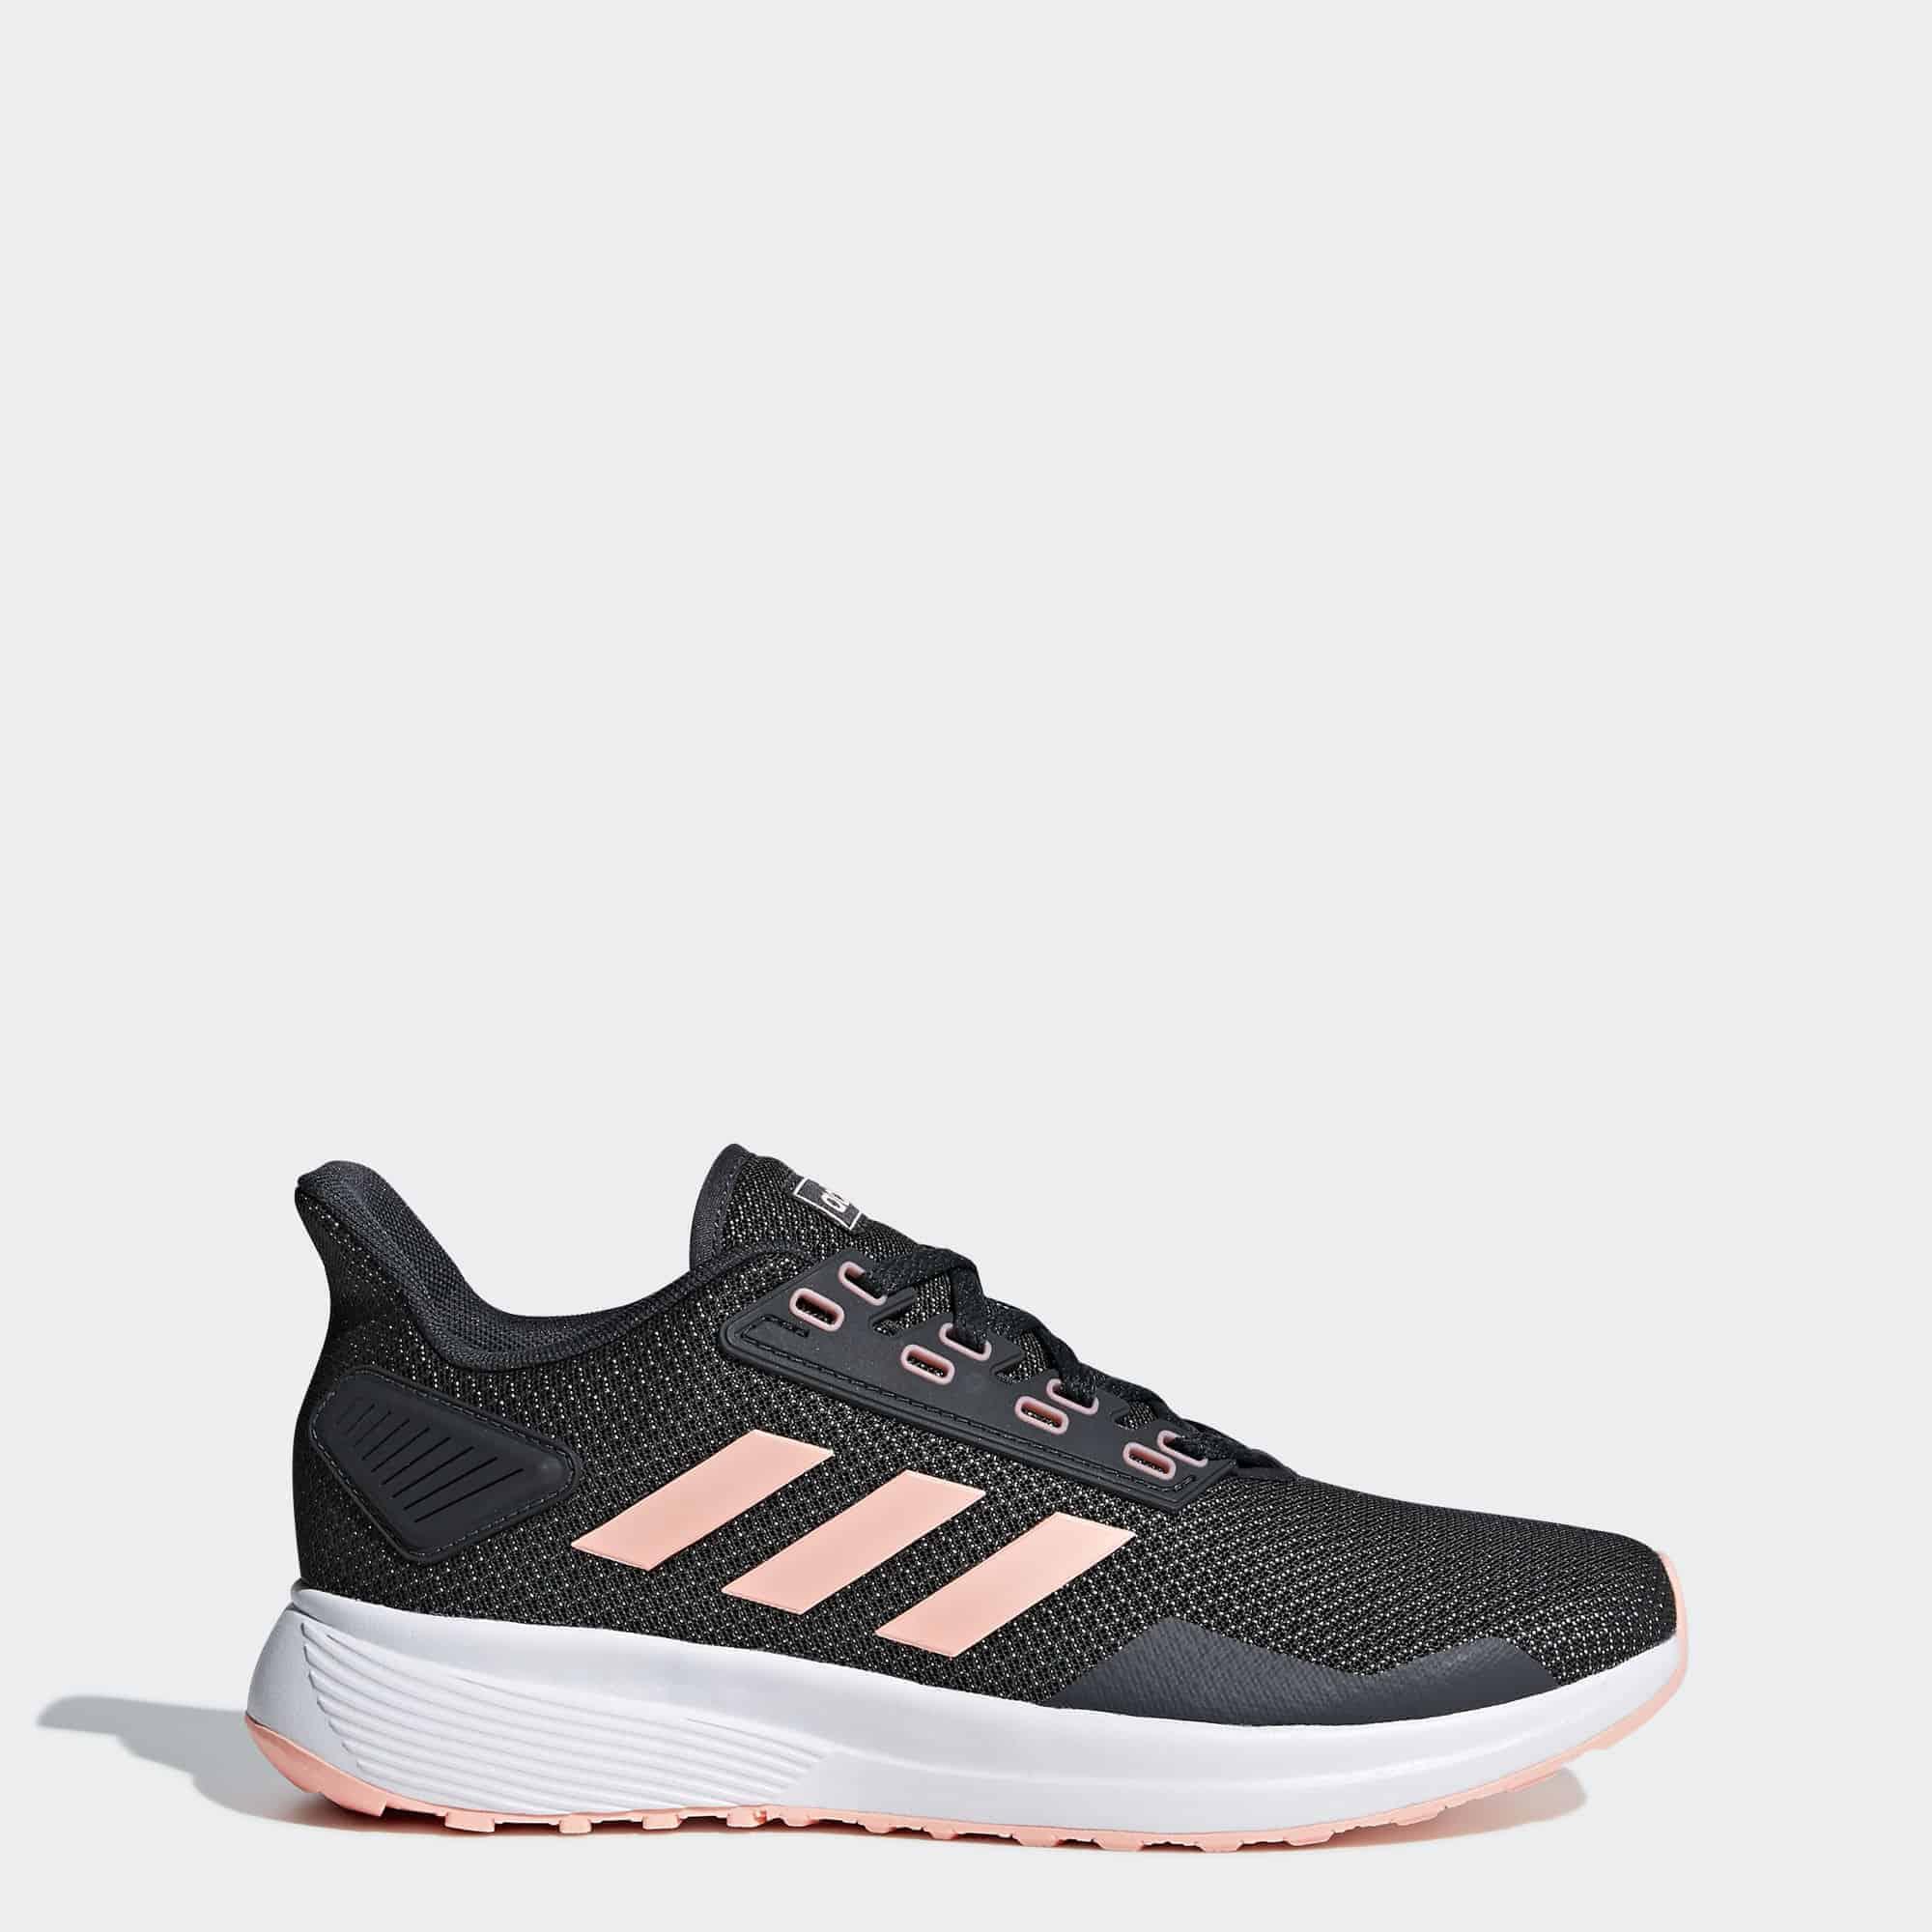 Кроссовки для бега Adidas Duramo 9 женские